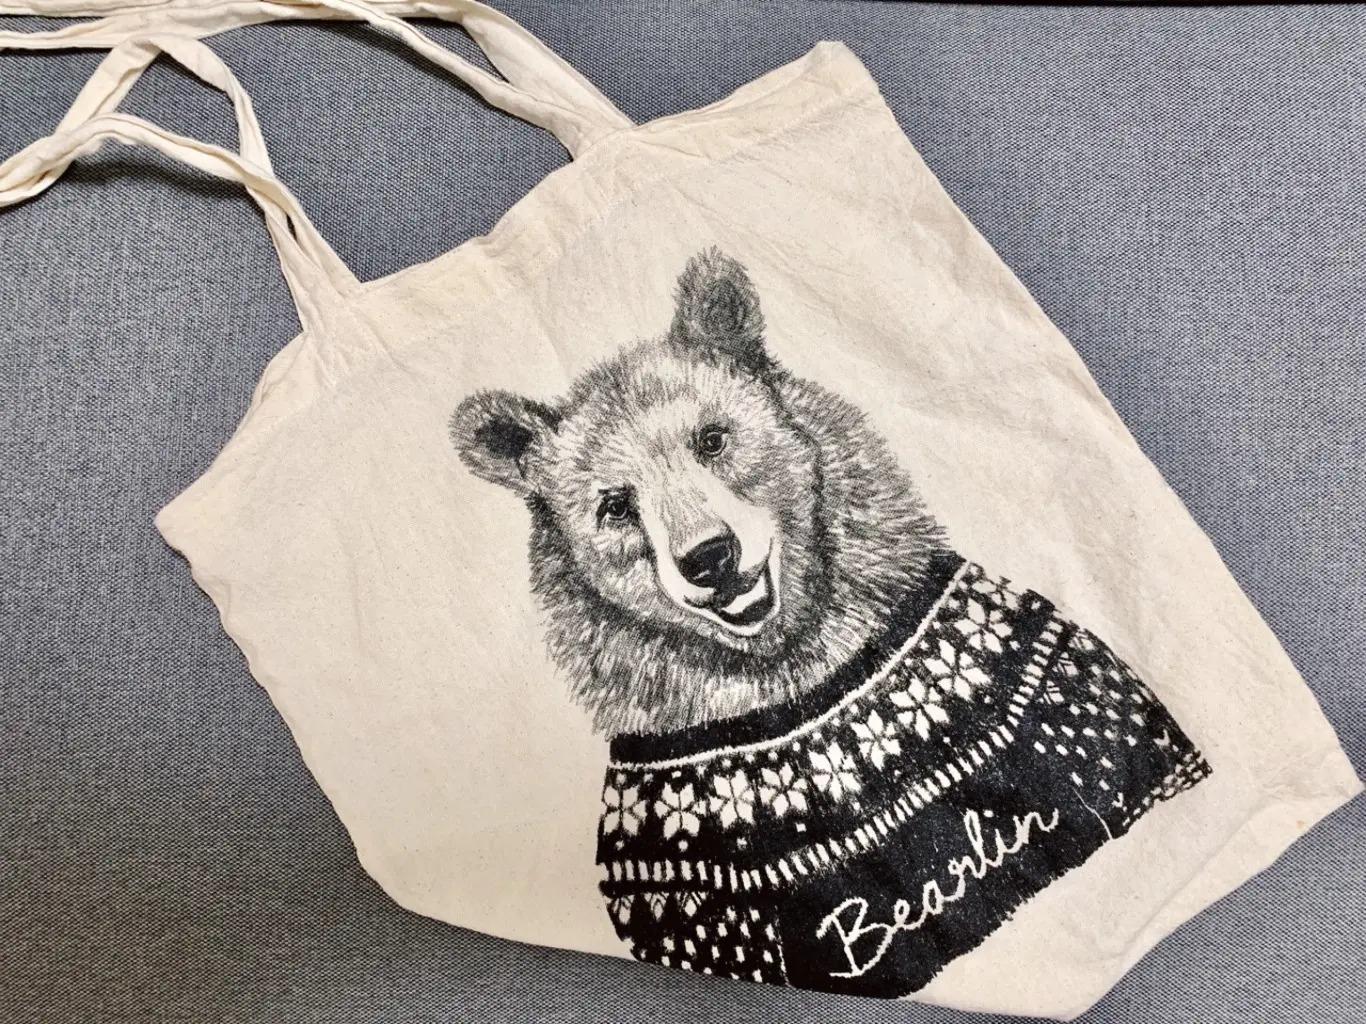 【働く女性のエコバッグまとめ】人気ブランドのおしゃれなバッグも♡ MOREインフルエンサーズのMyバッグ特集_27